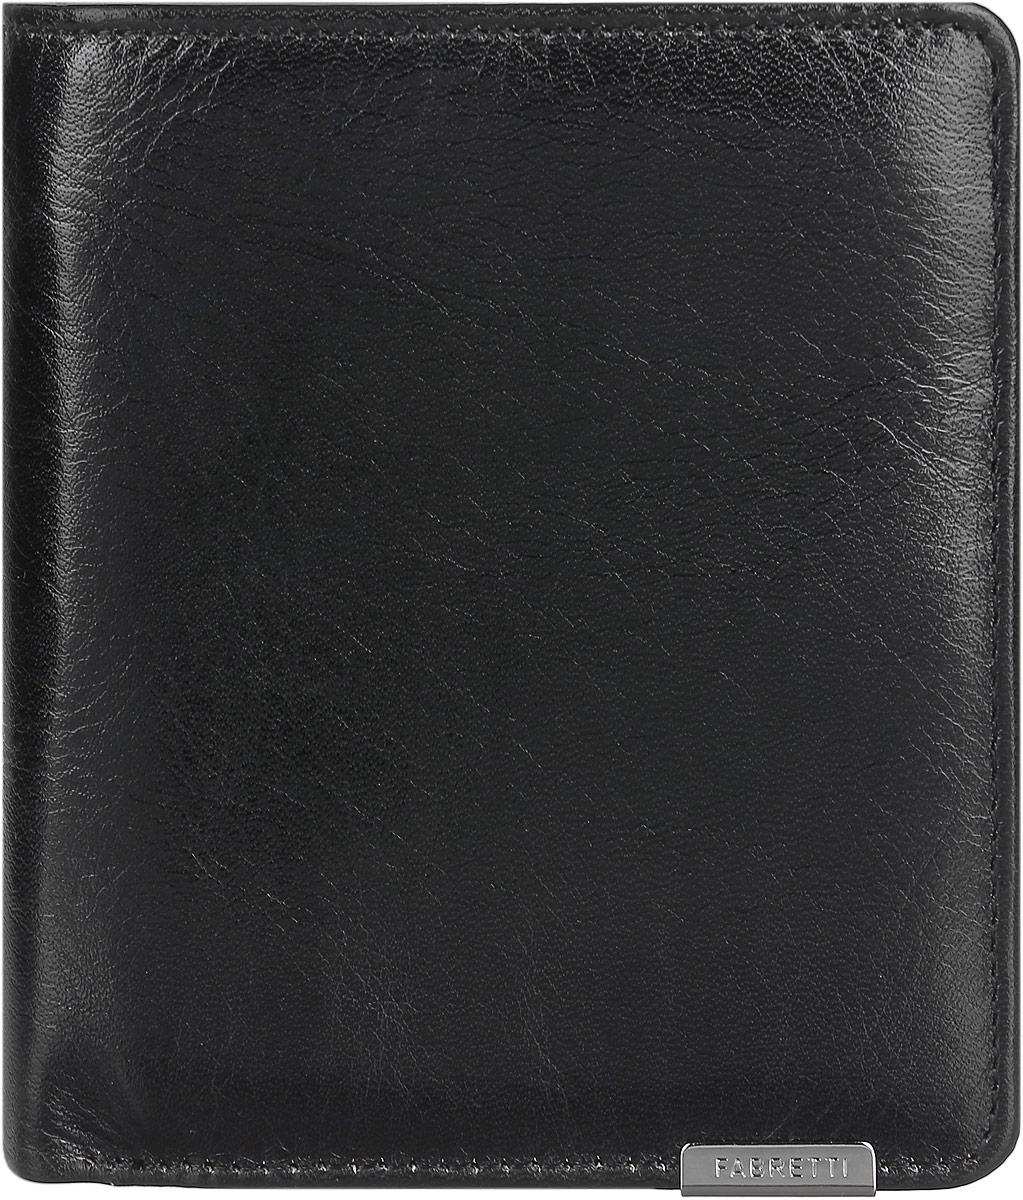 Кошелек мужской Fabretti, цвет: черный. FA009-blackFA009-blackКлассический мужской кошелек от Fabretti выполнен из натуральной гладкой кожи. Внутри находятся три отделения для купюр, одно из которых на молнии. Так же в кошельке расположены шесть карманов для визиток и карт и один карман с пластиковым окошком. На тыльной стороне кошелька расположен карман для мелочи, объем которого можно регулировать с помощью кнопки. Изделие закрывается на кнопку. Кошелек упакован в плотную коробку с логотипом фирмы. Такой роскошный и практичный аксессуар станет замечательным подарком человеку, ценящему качественные и модные вещи.